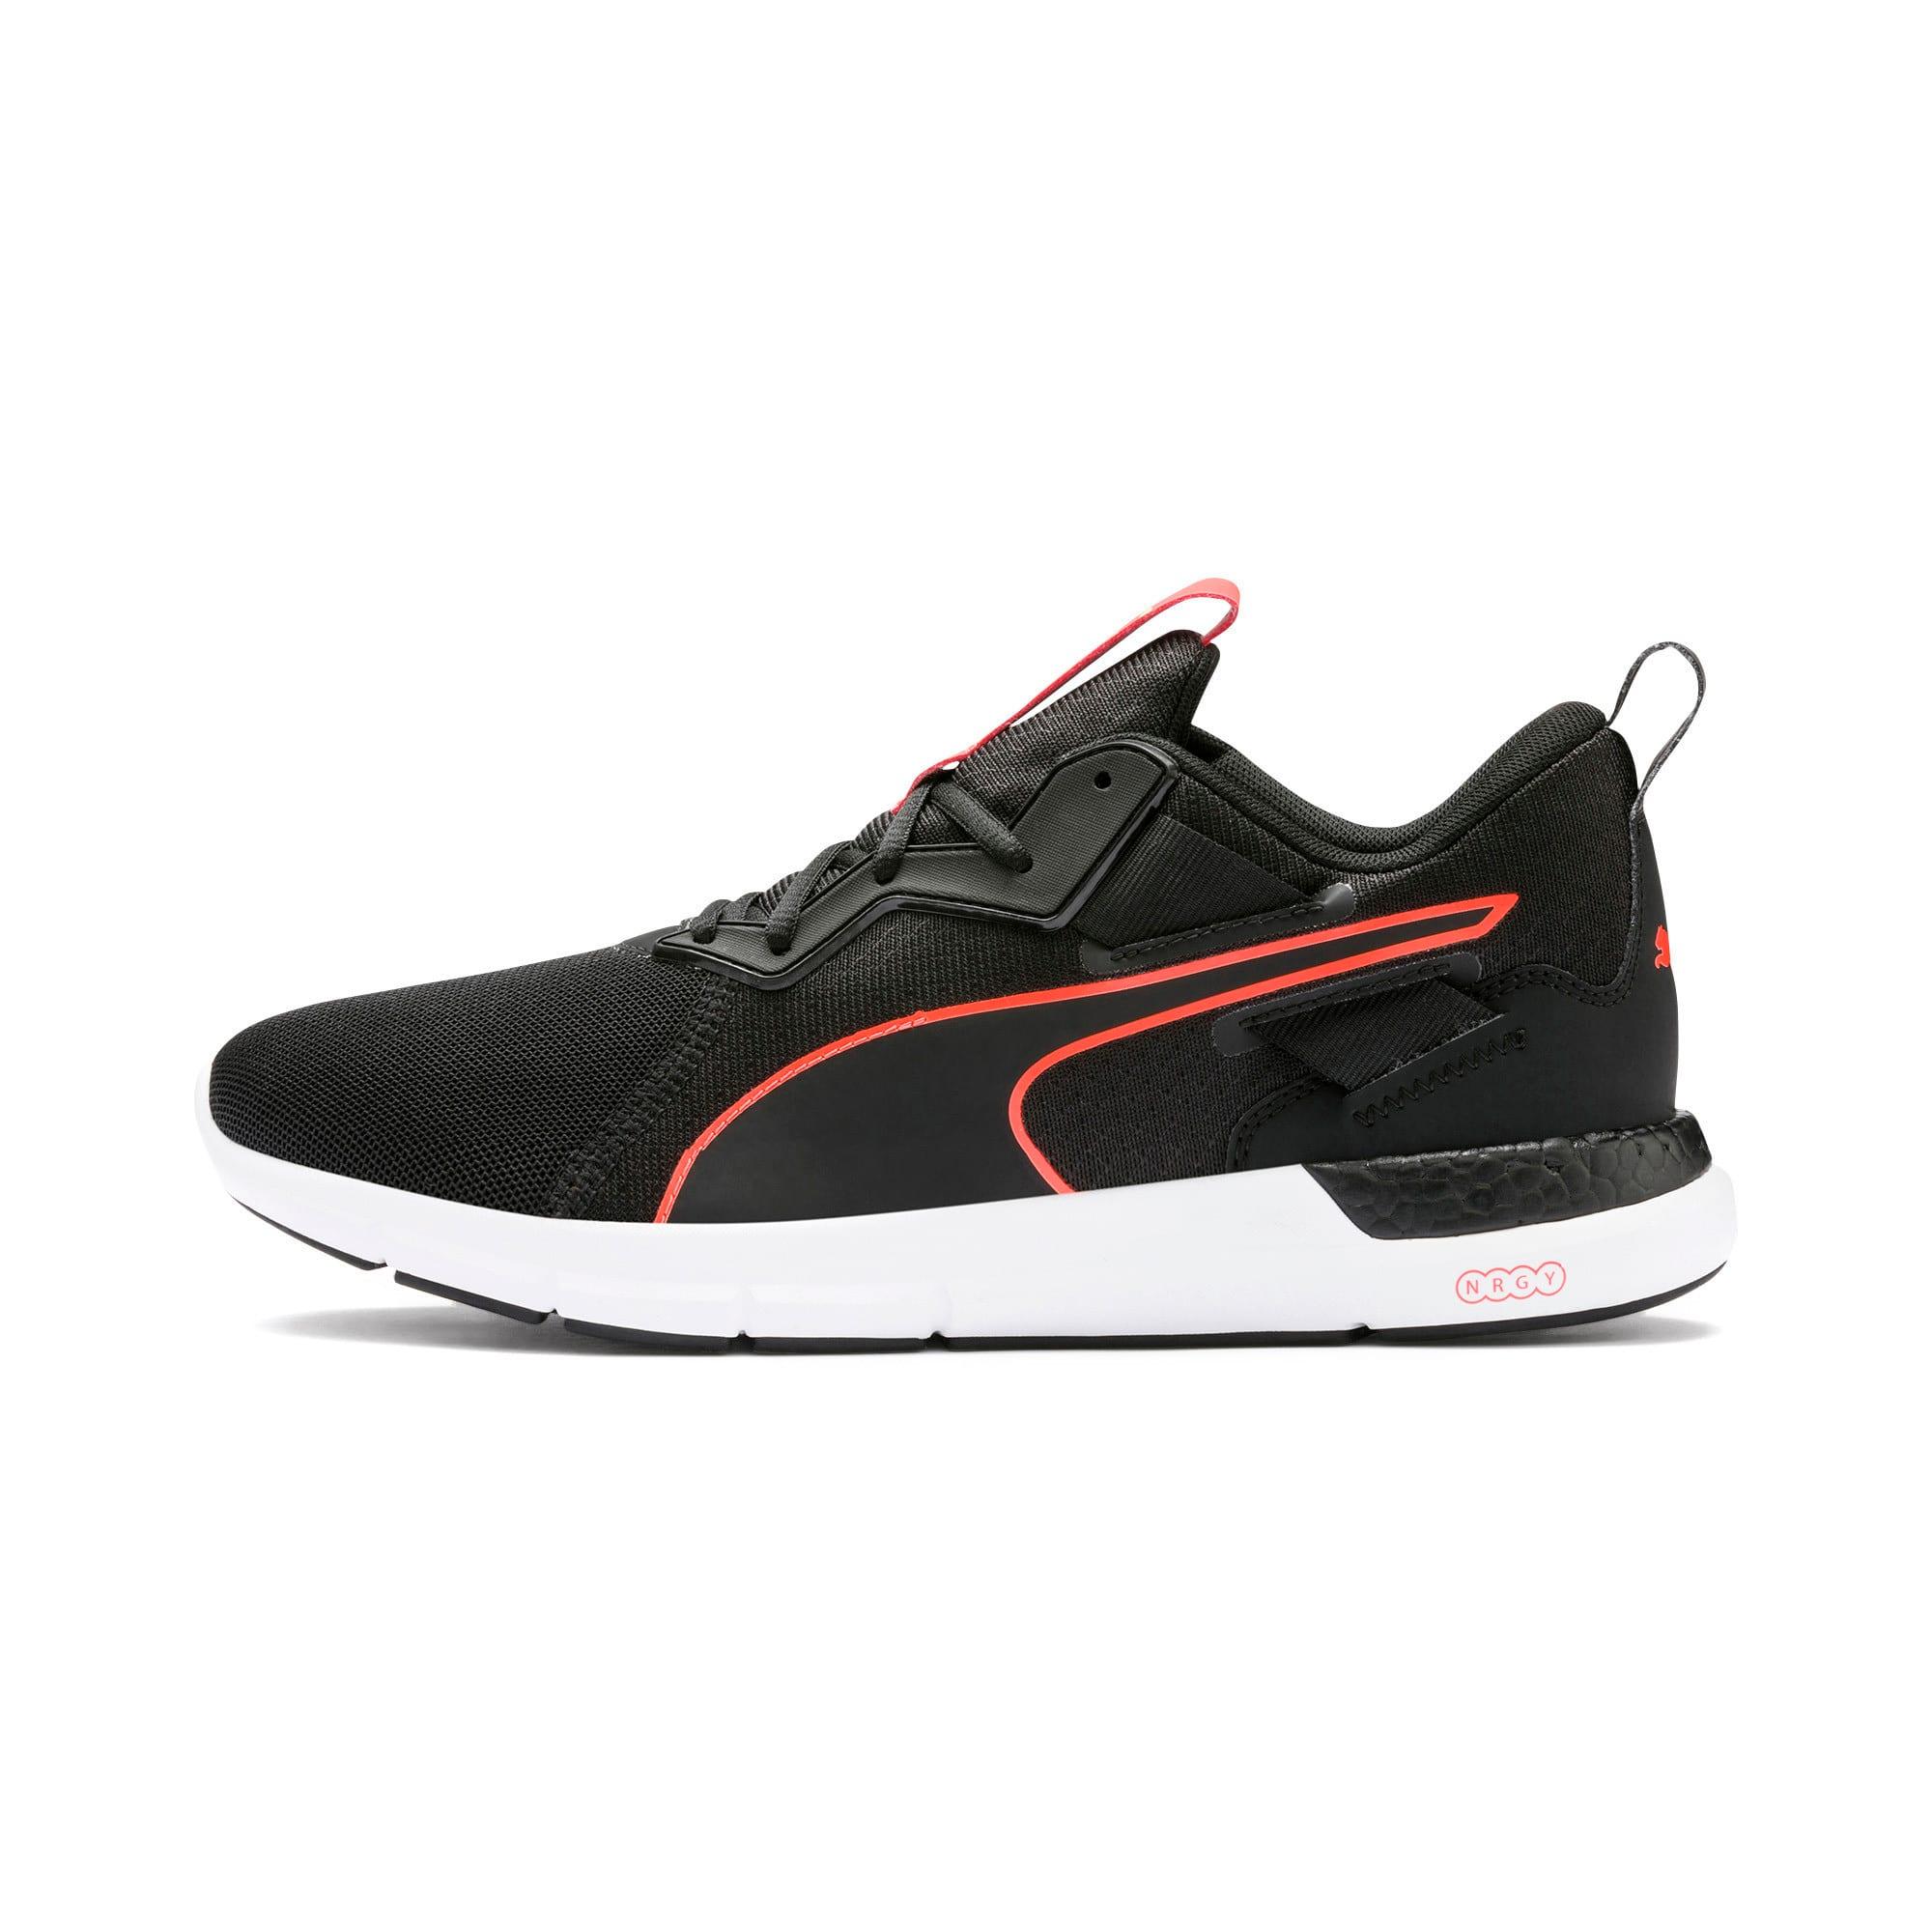 Miniatura 1 de Zapatos para correr NRGY Dynamo Futuro para hombre, Puma Black-Nrgy Red, mediano